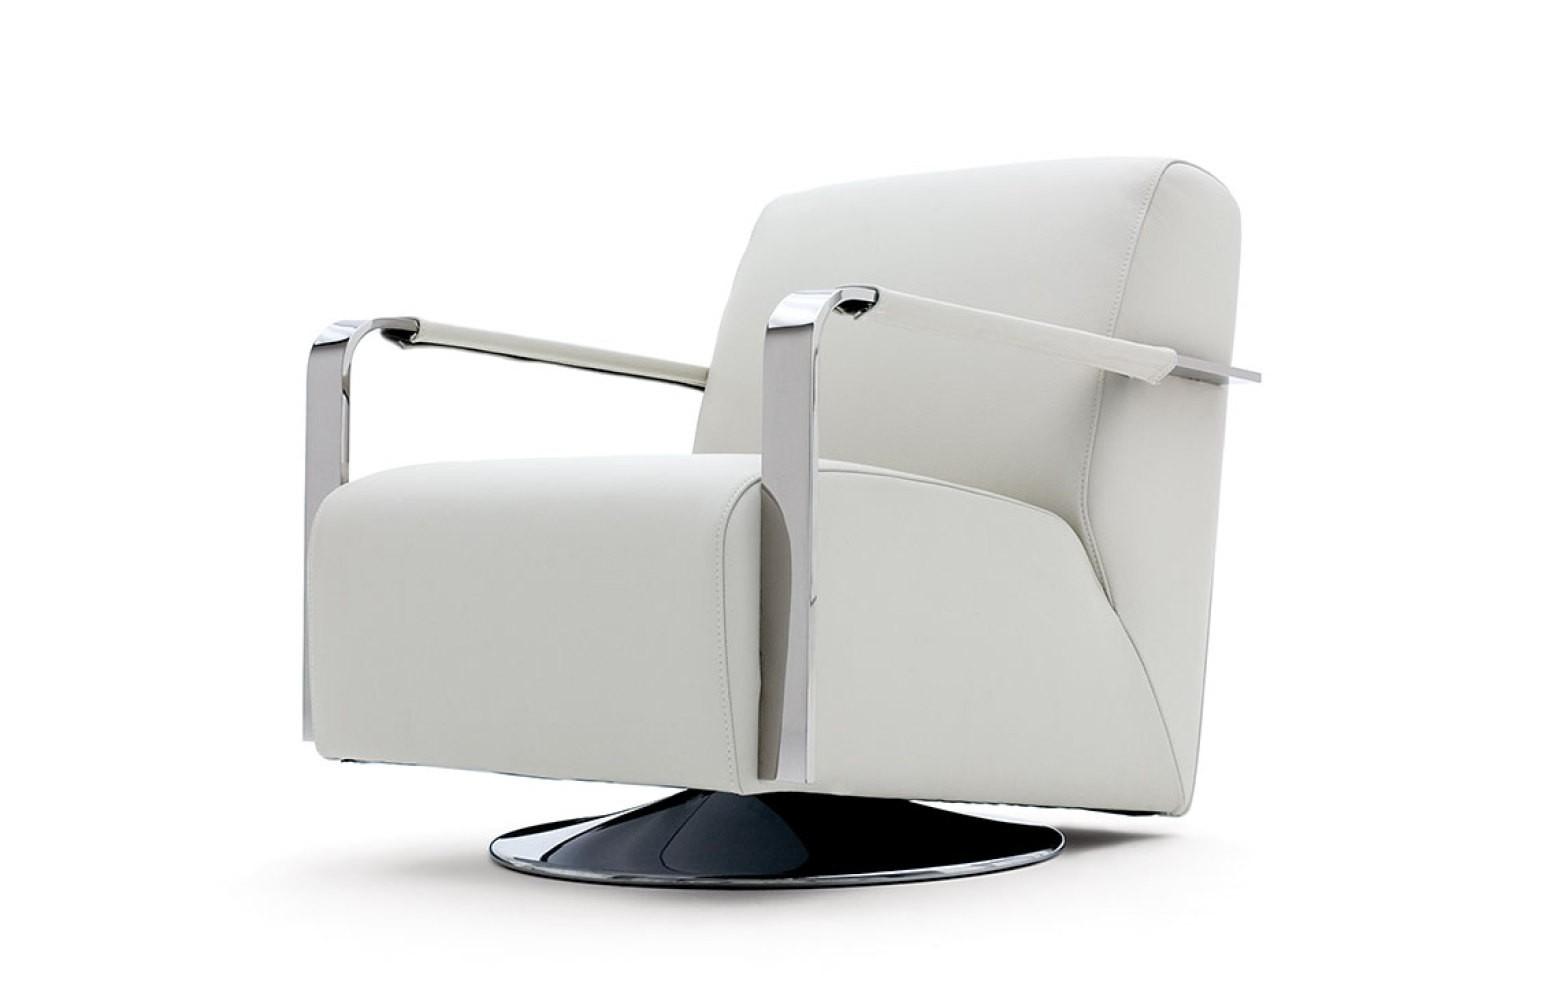 Designer Stühle Günstig war schöne ideen für ihr haus design ideen